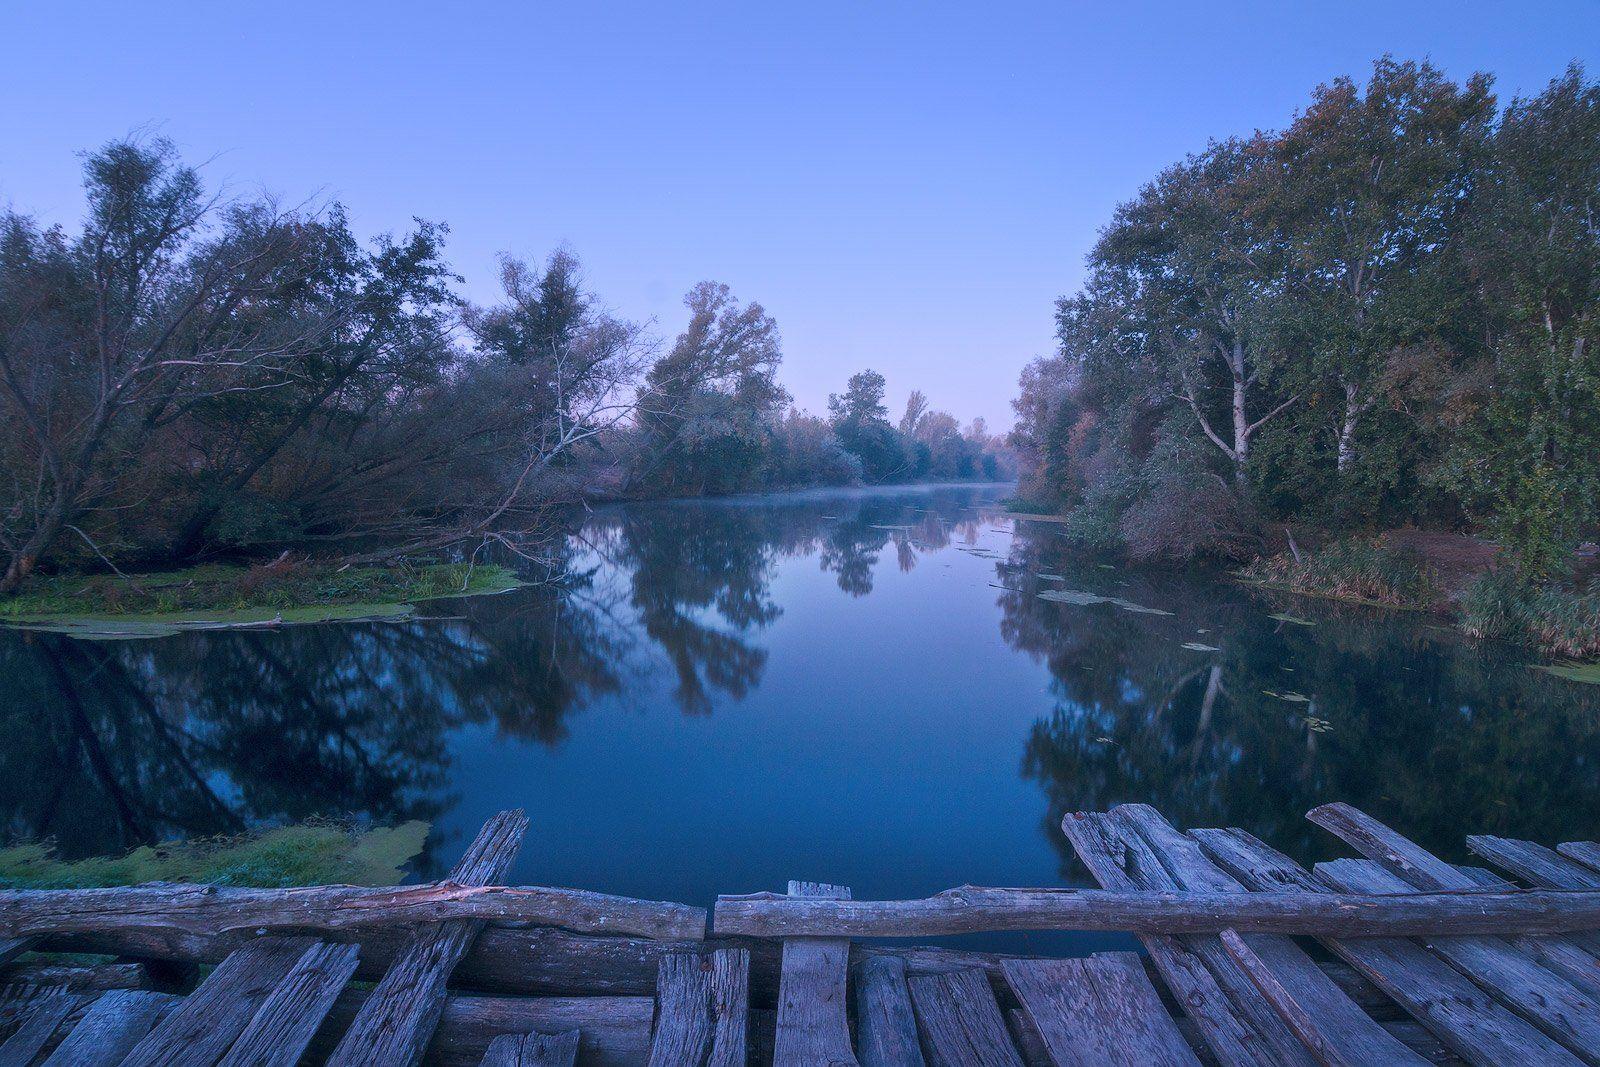 утро, рассвет, сумерки, мост, дымка, синева, пейзаж, Станислав Саламанов